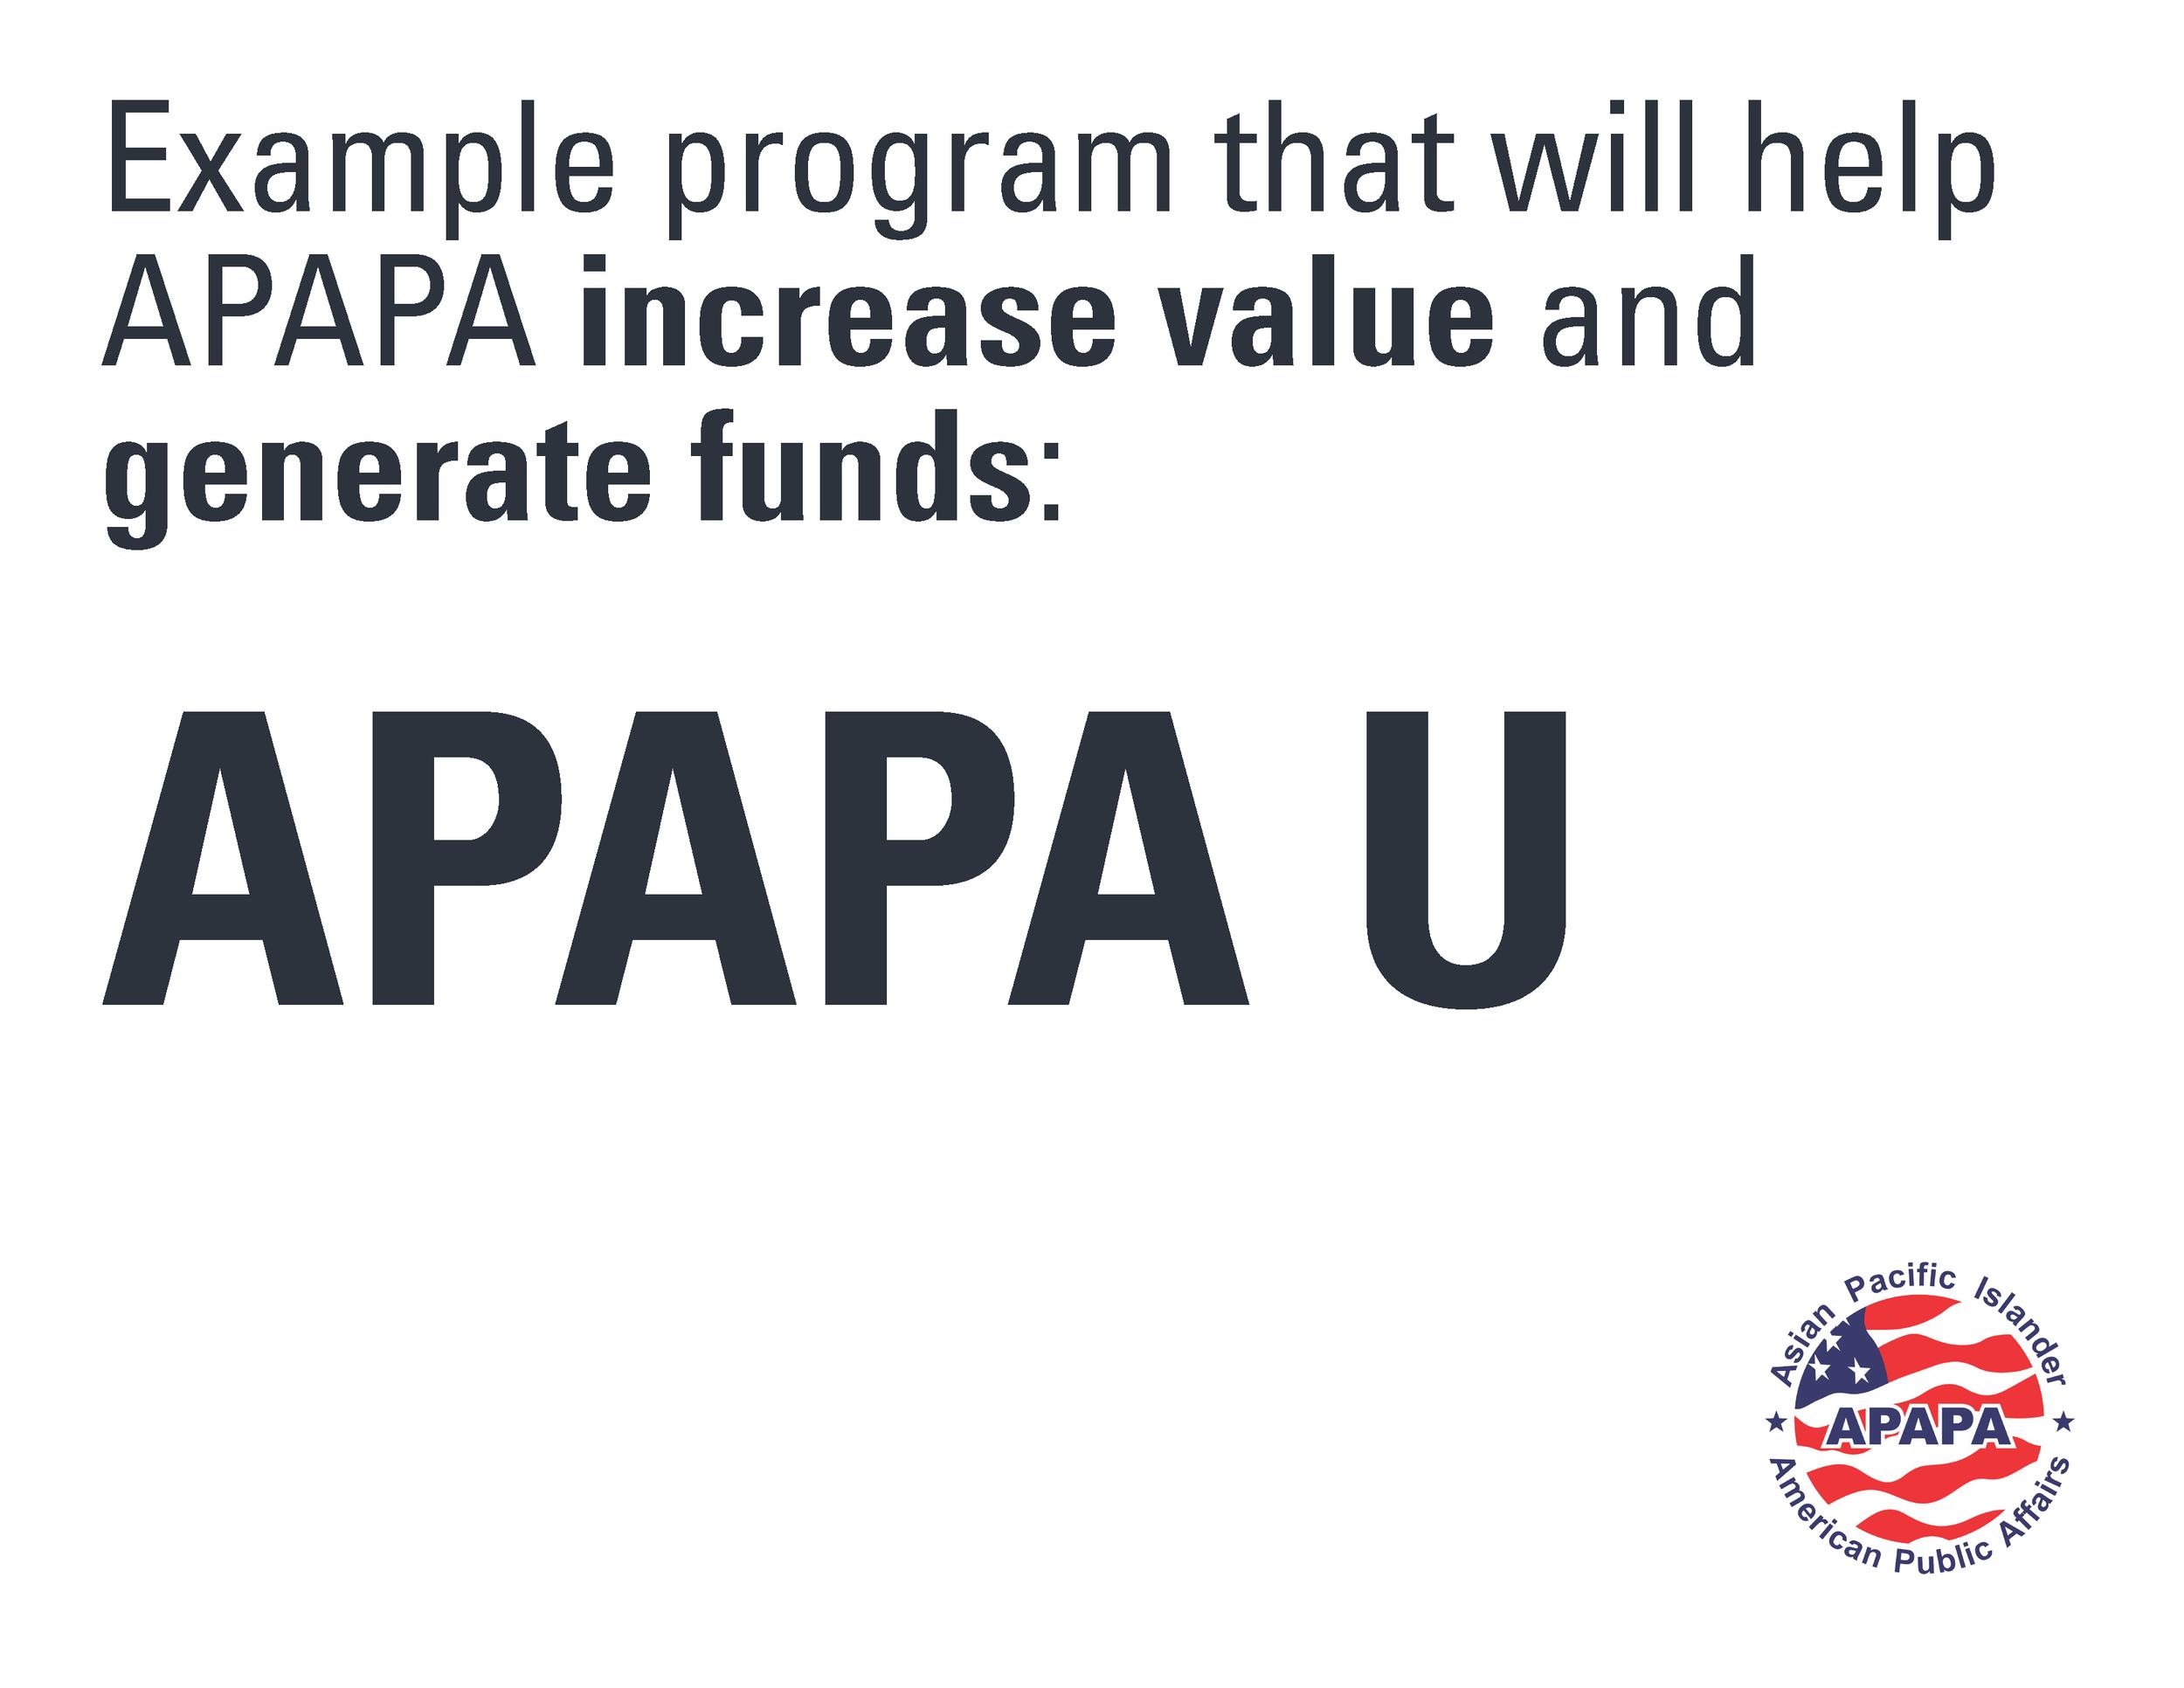 APAPAU_packet_Page_06.png